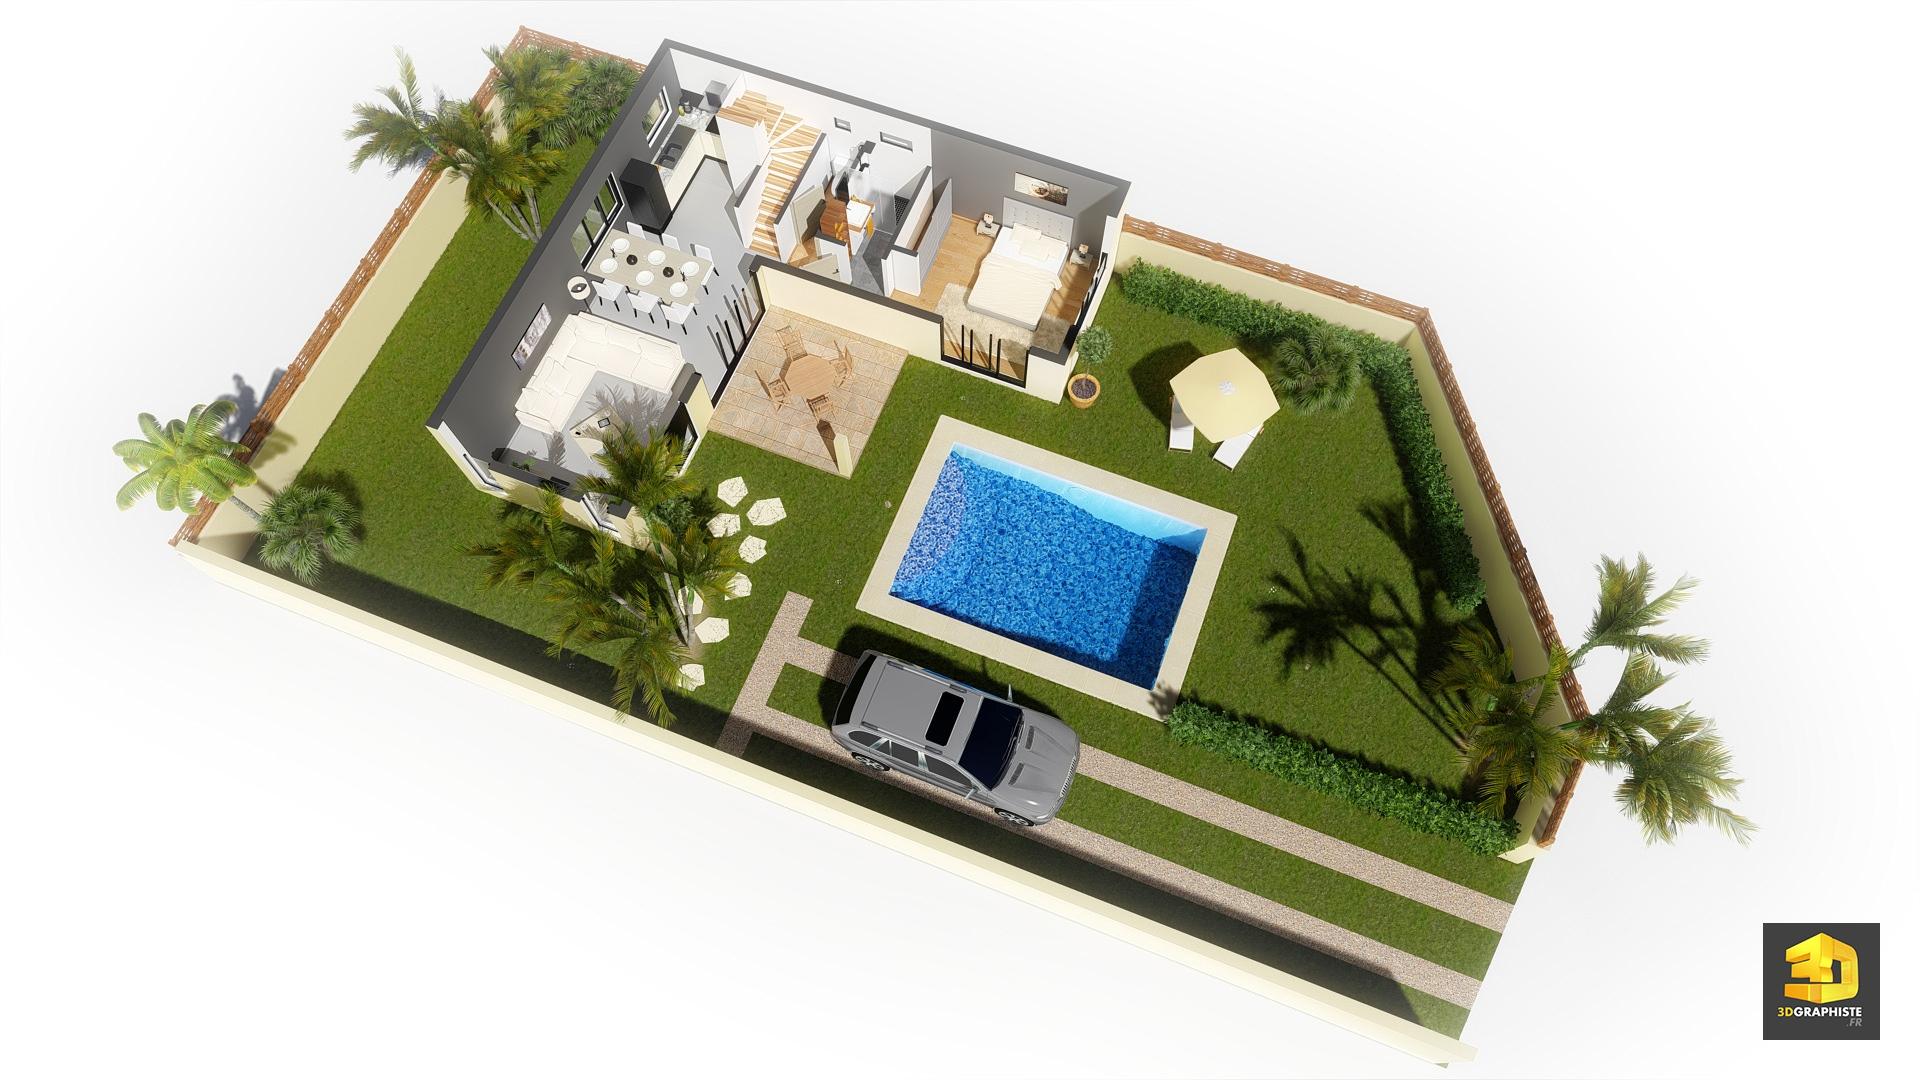 Plan de masse en infographie 3d dune des maisons avec visualisation intérieure du rez de chaussée